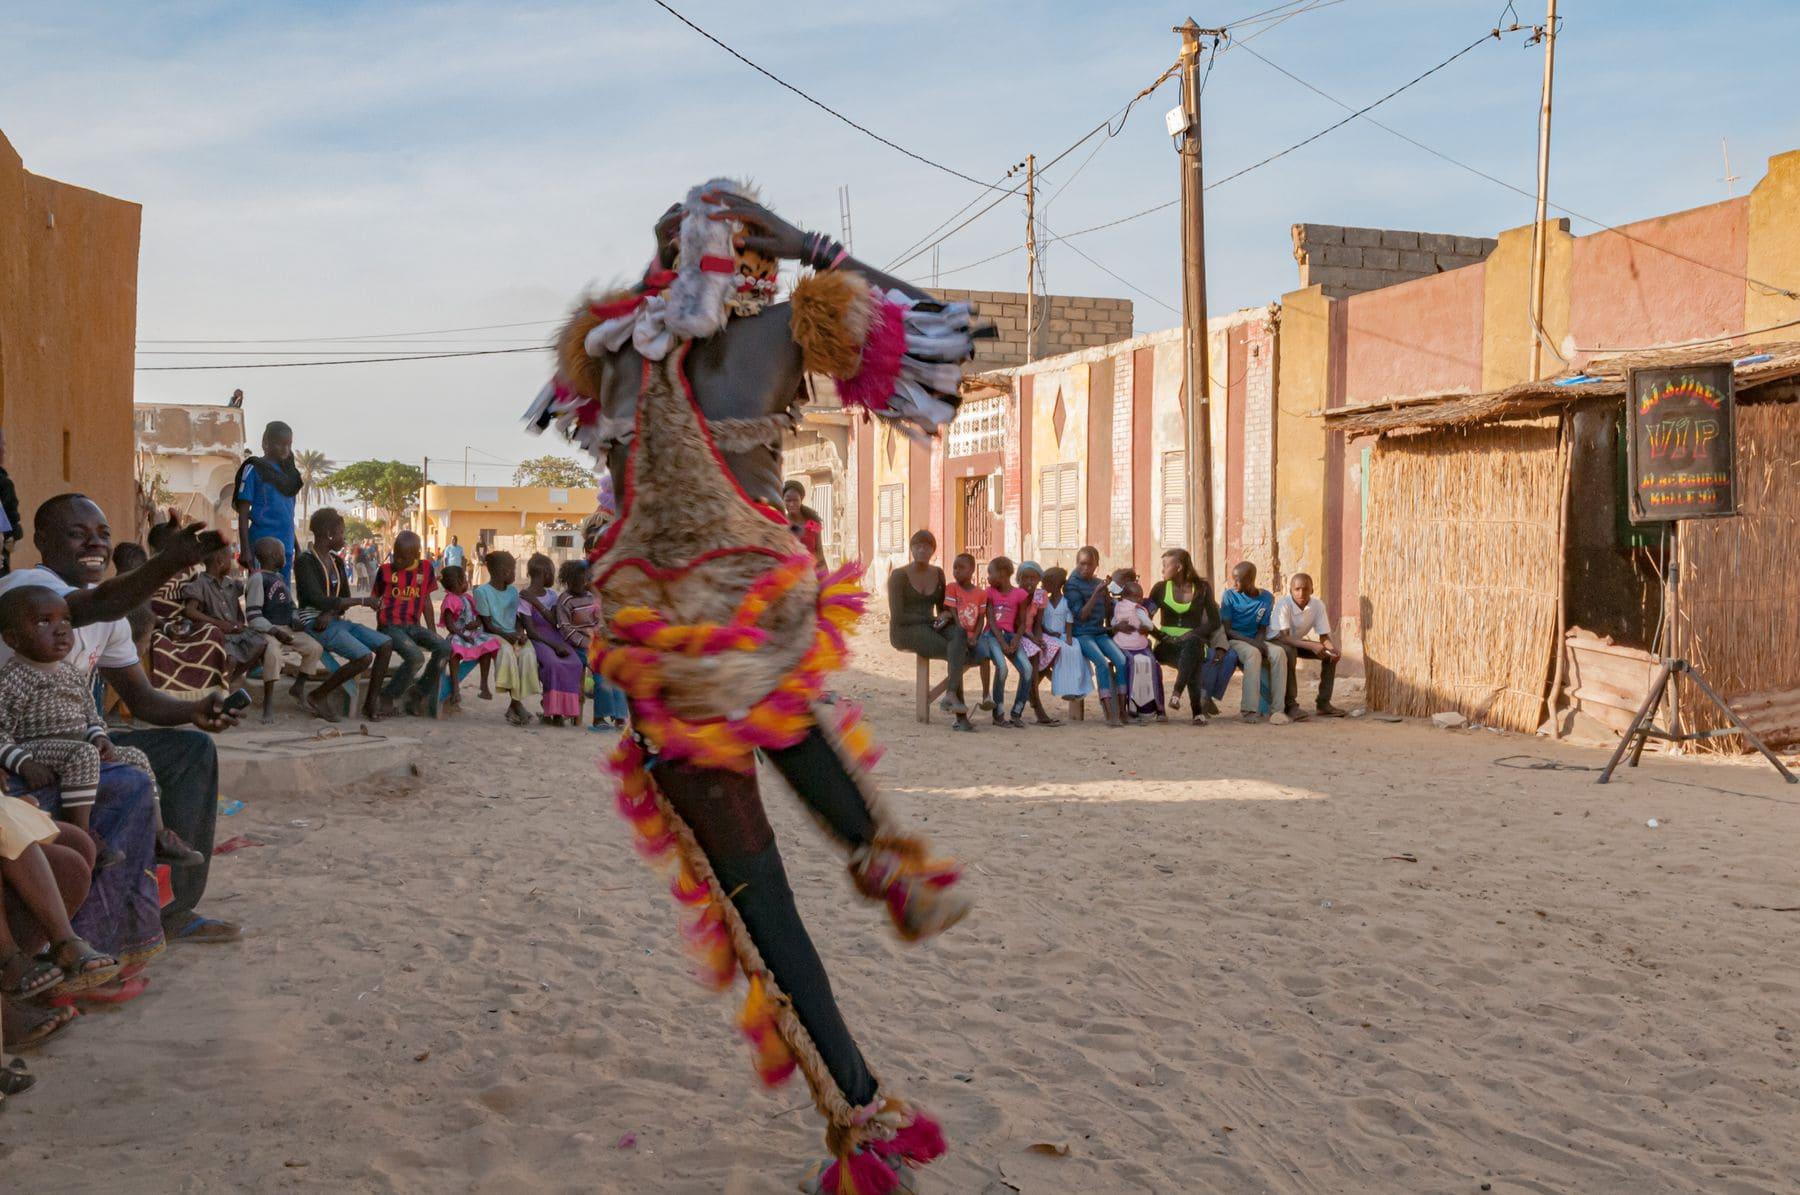 MichelAycaguer-LeSimb-LeFauxLion-SaintLouis-Senegal-25